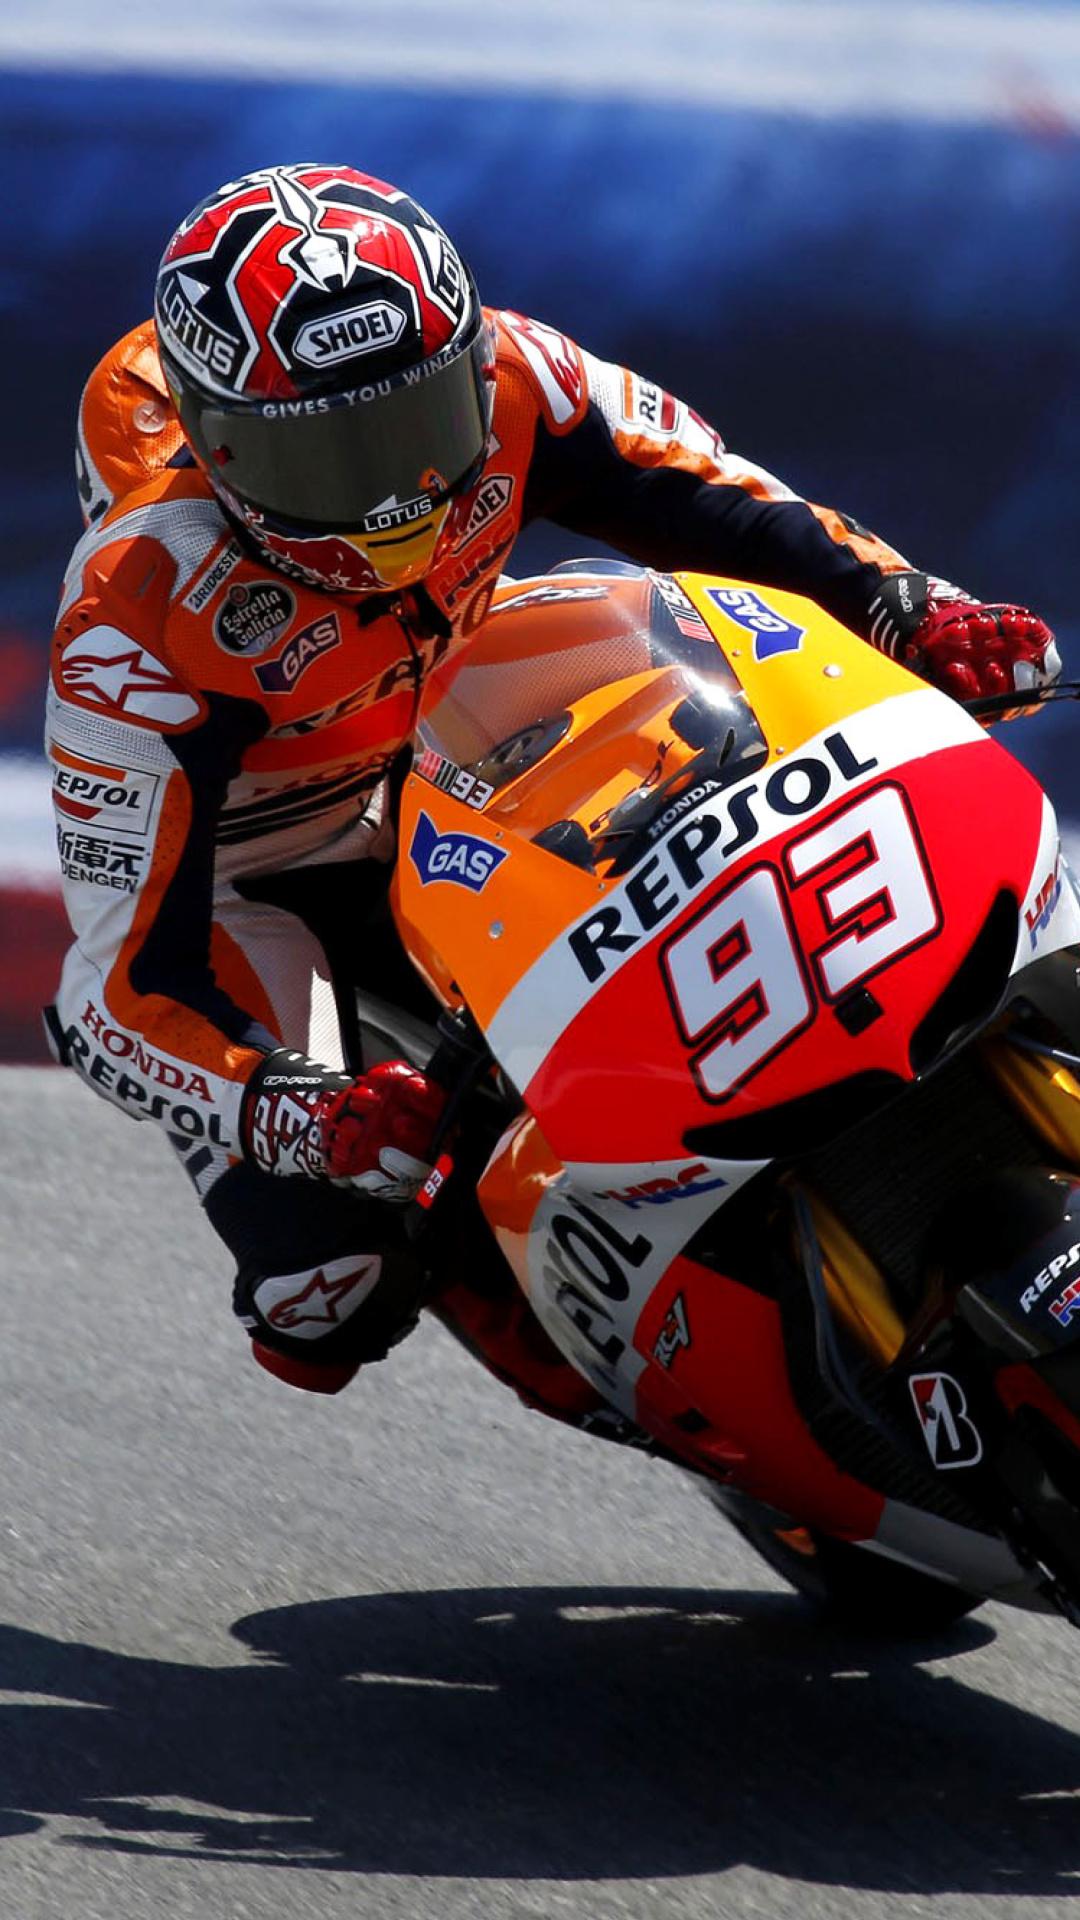 Repsol Honda MotoGP Wallpaper for iPhone 6 Plus